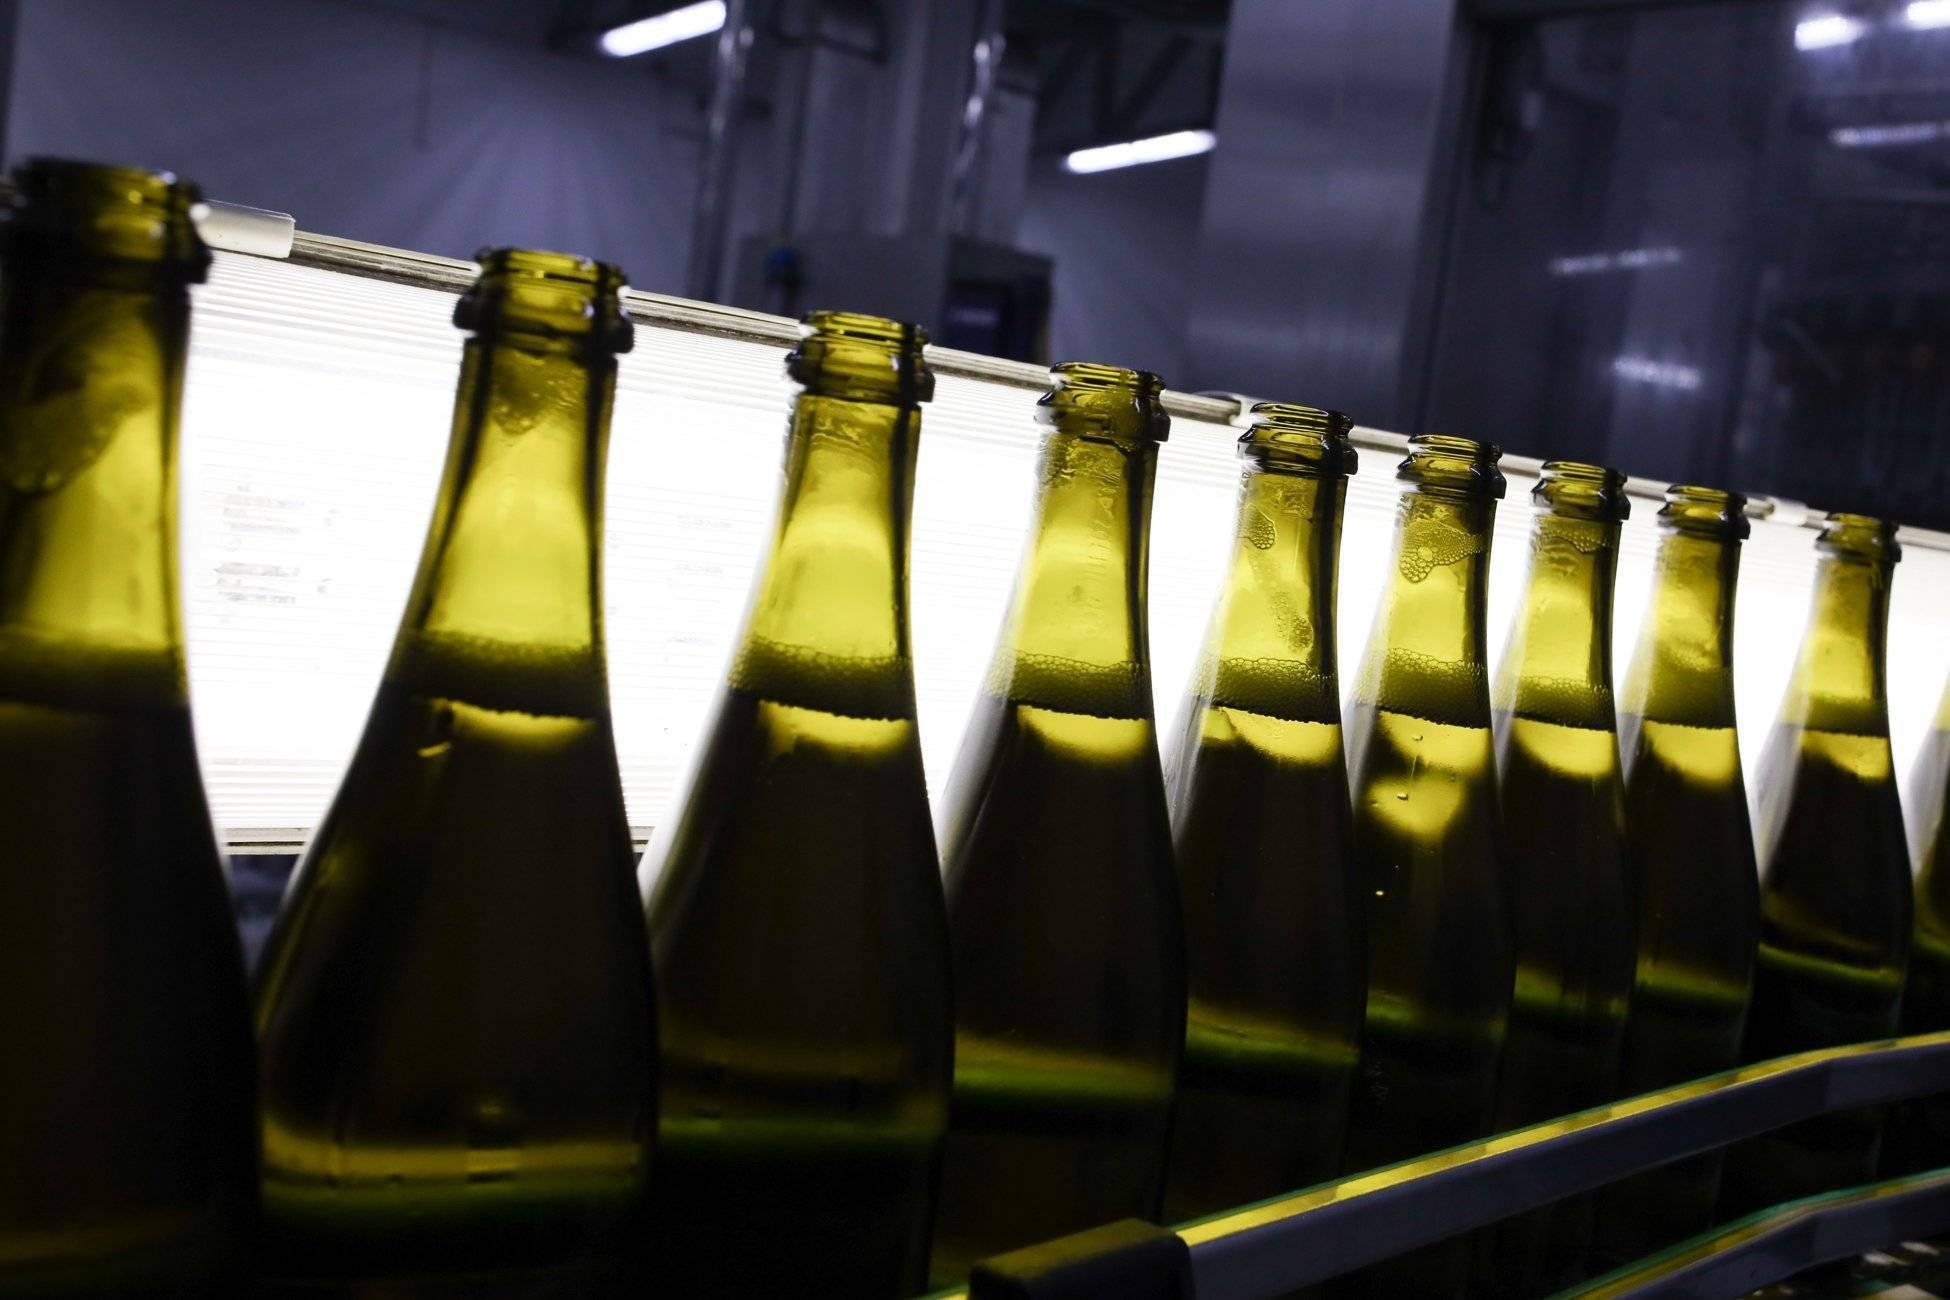 Как выбрать шампанское: объясняем по порядку